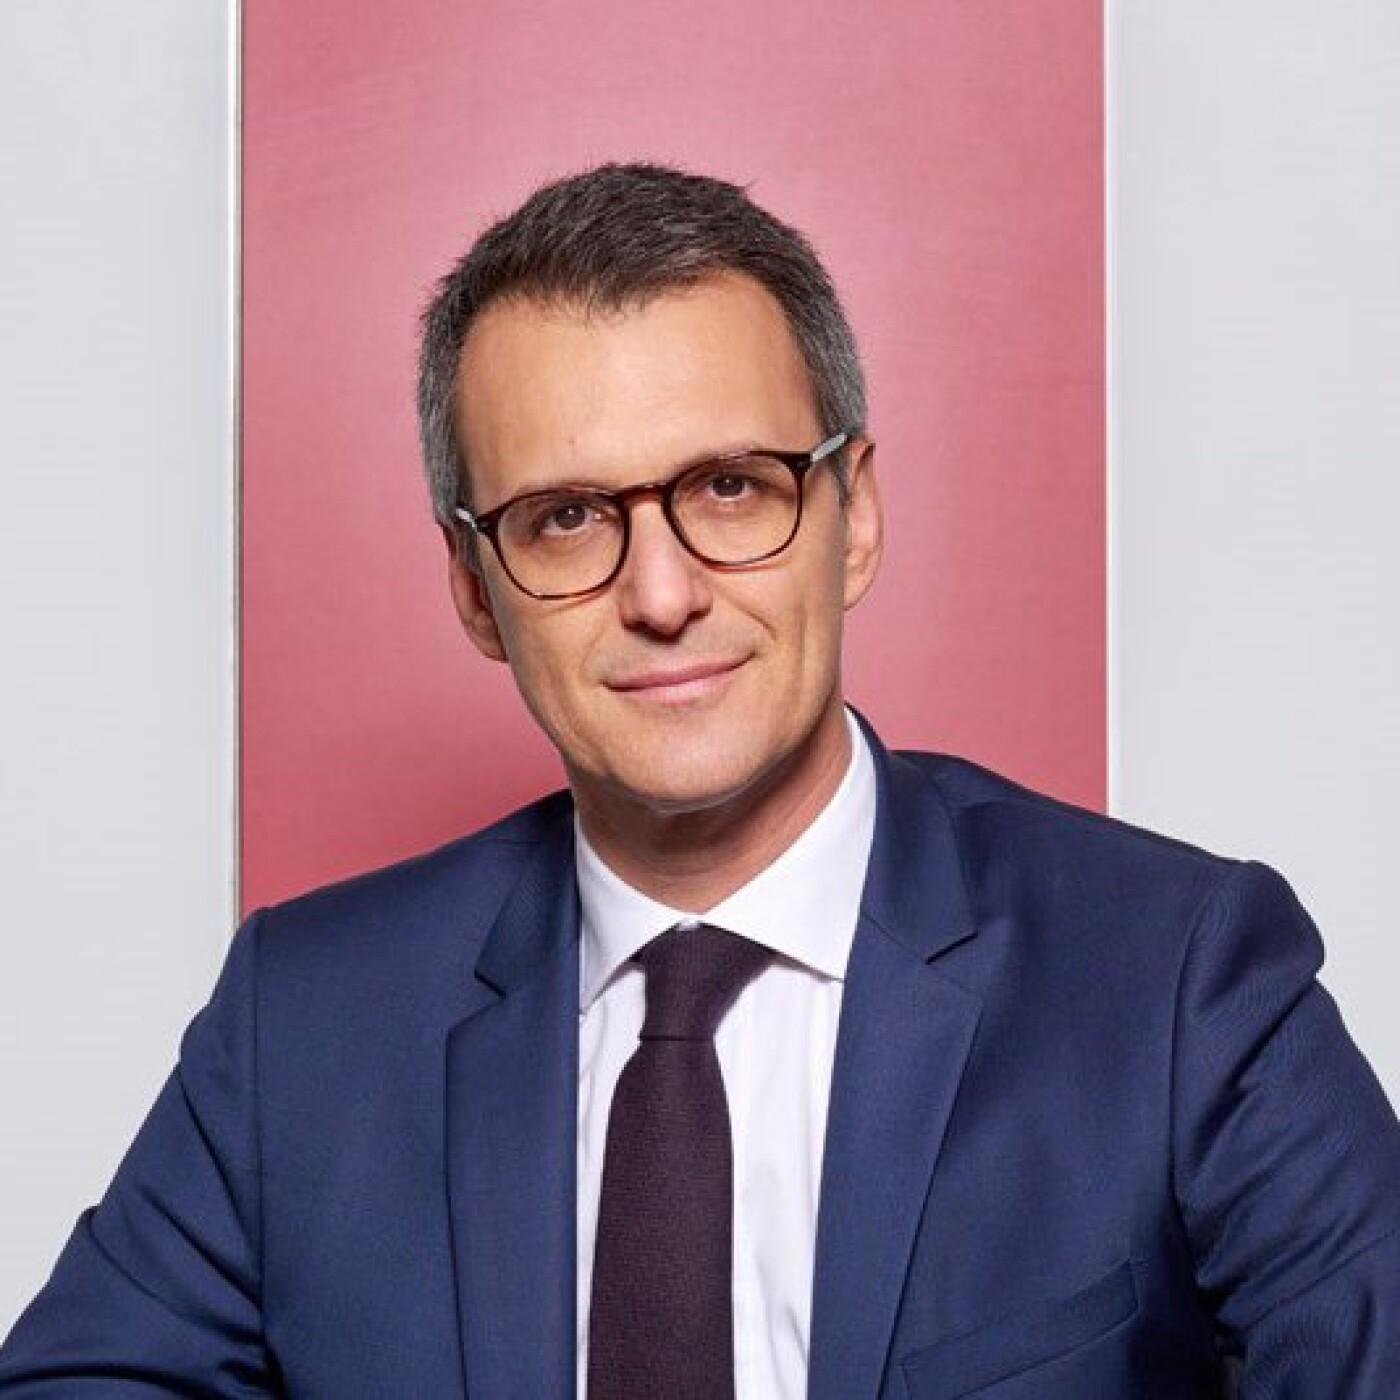 Innovation, énergies renouvelables, politiques, et Data4 - Interview d'Olivier Micheli - Part3